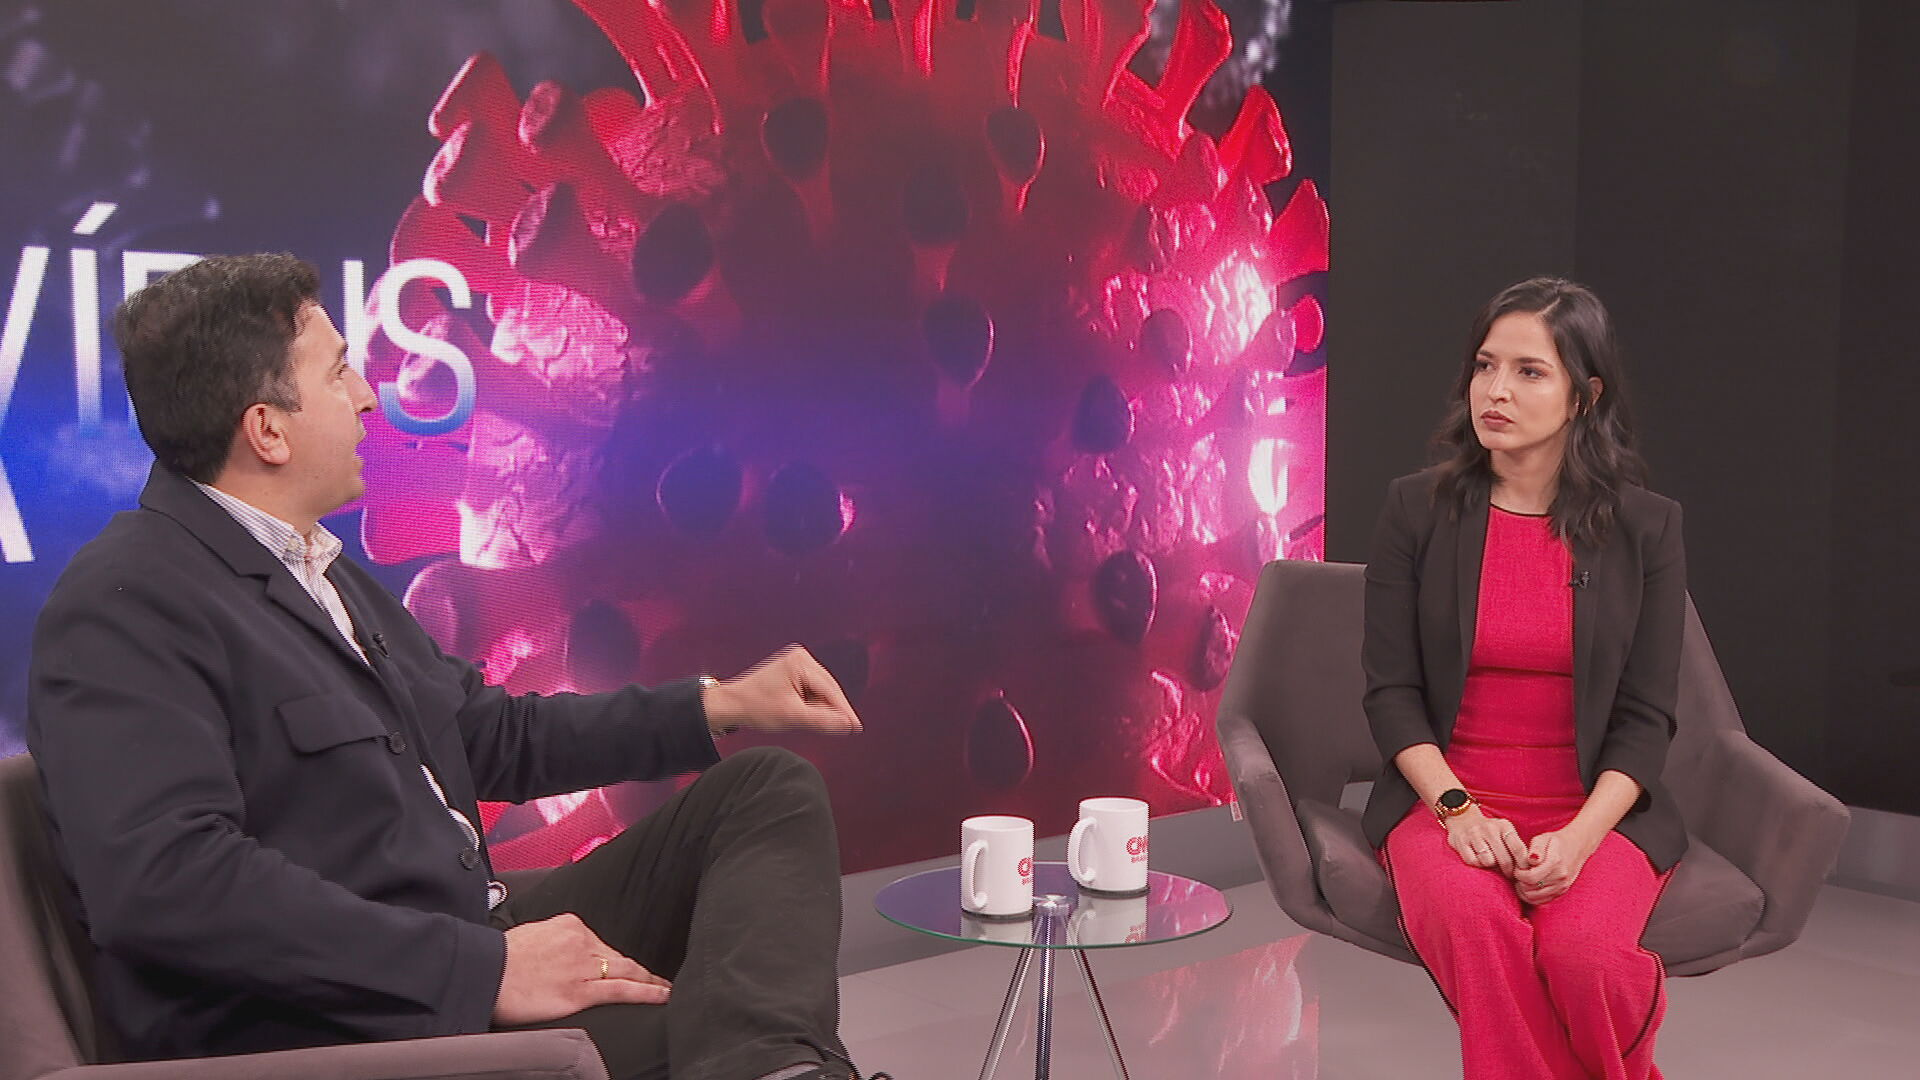 Dr. Gustavo Cabral e Karla Chaves conversam em frente à fundo com coronavírus